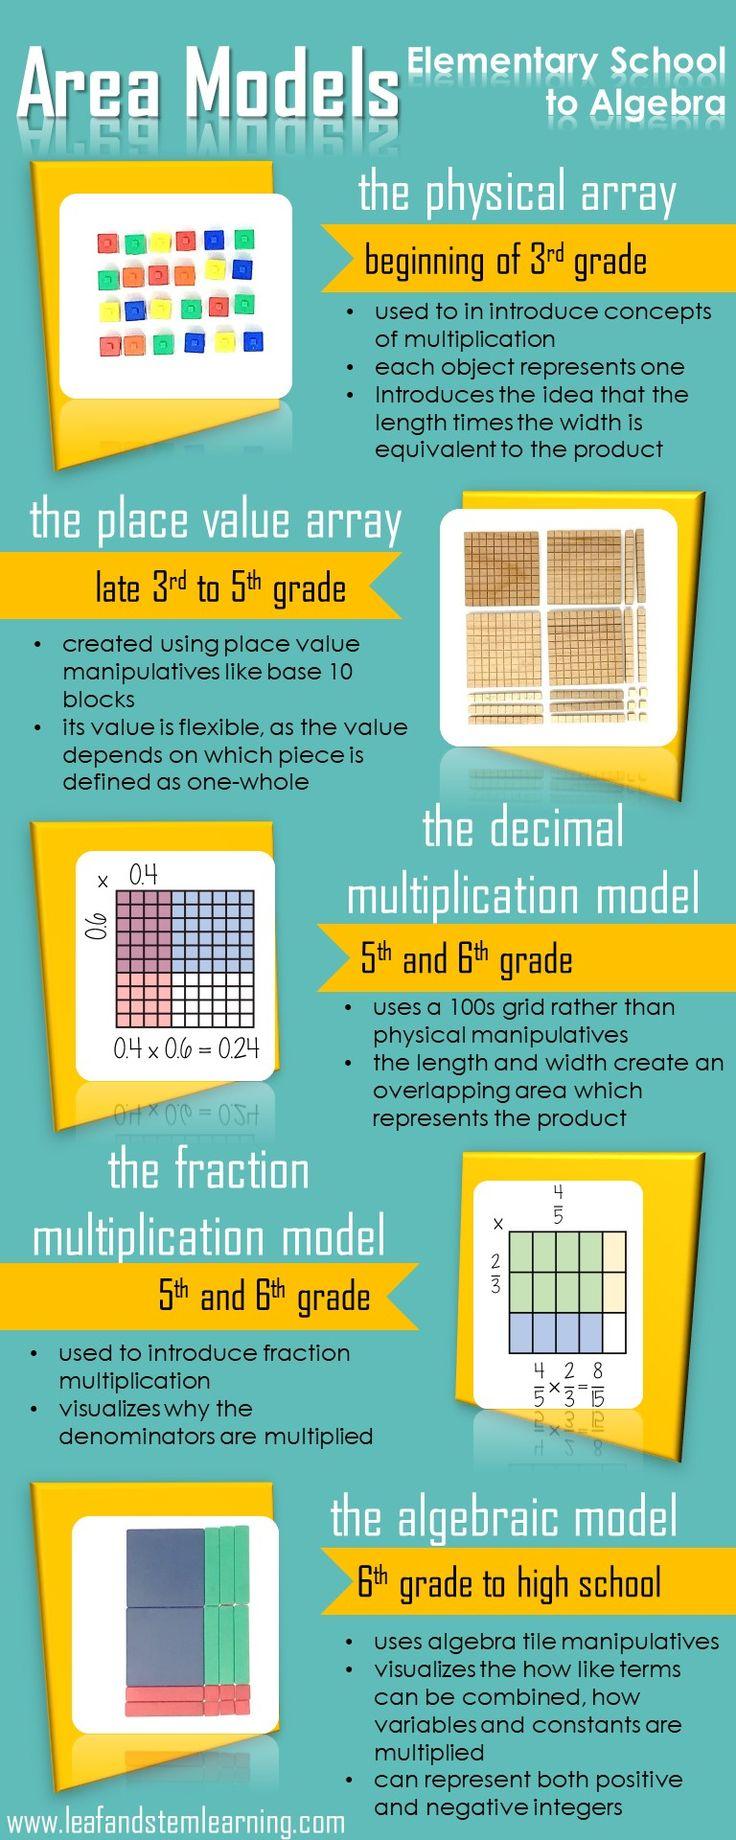 3151 best Math images on Pinterest | Teaching math, Teaching ideas ...